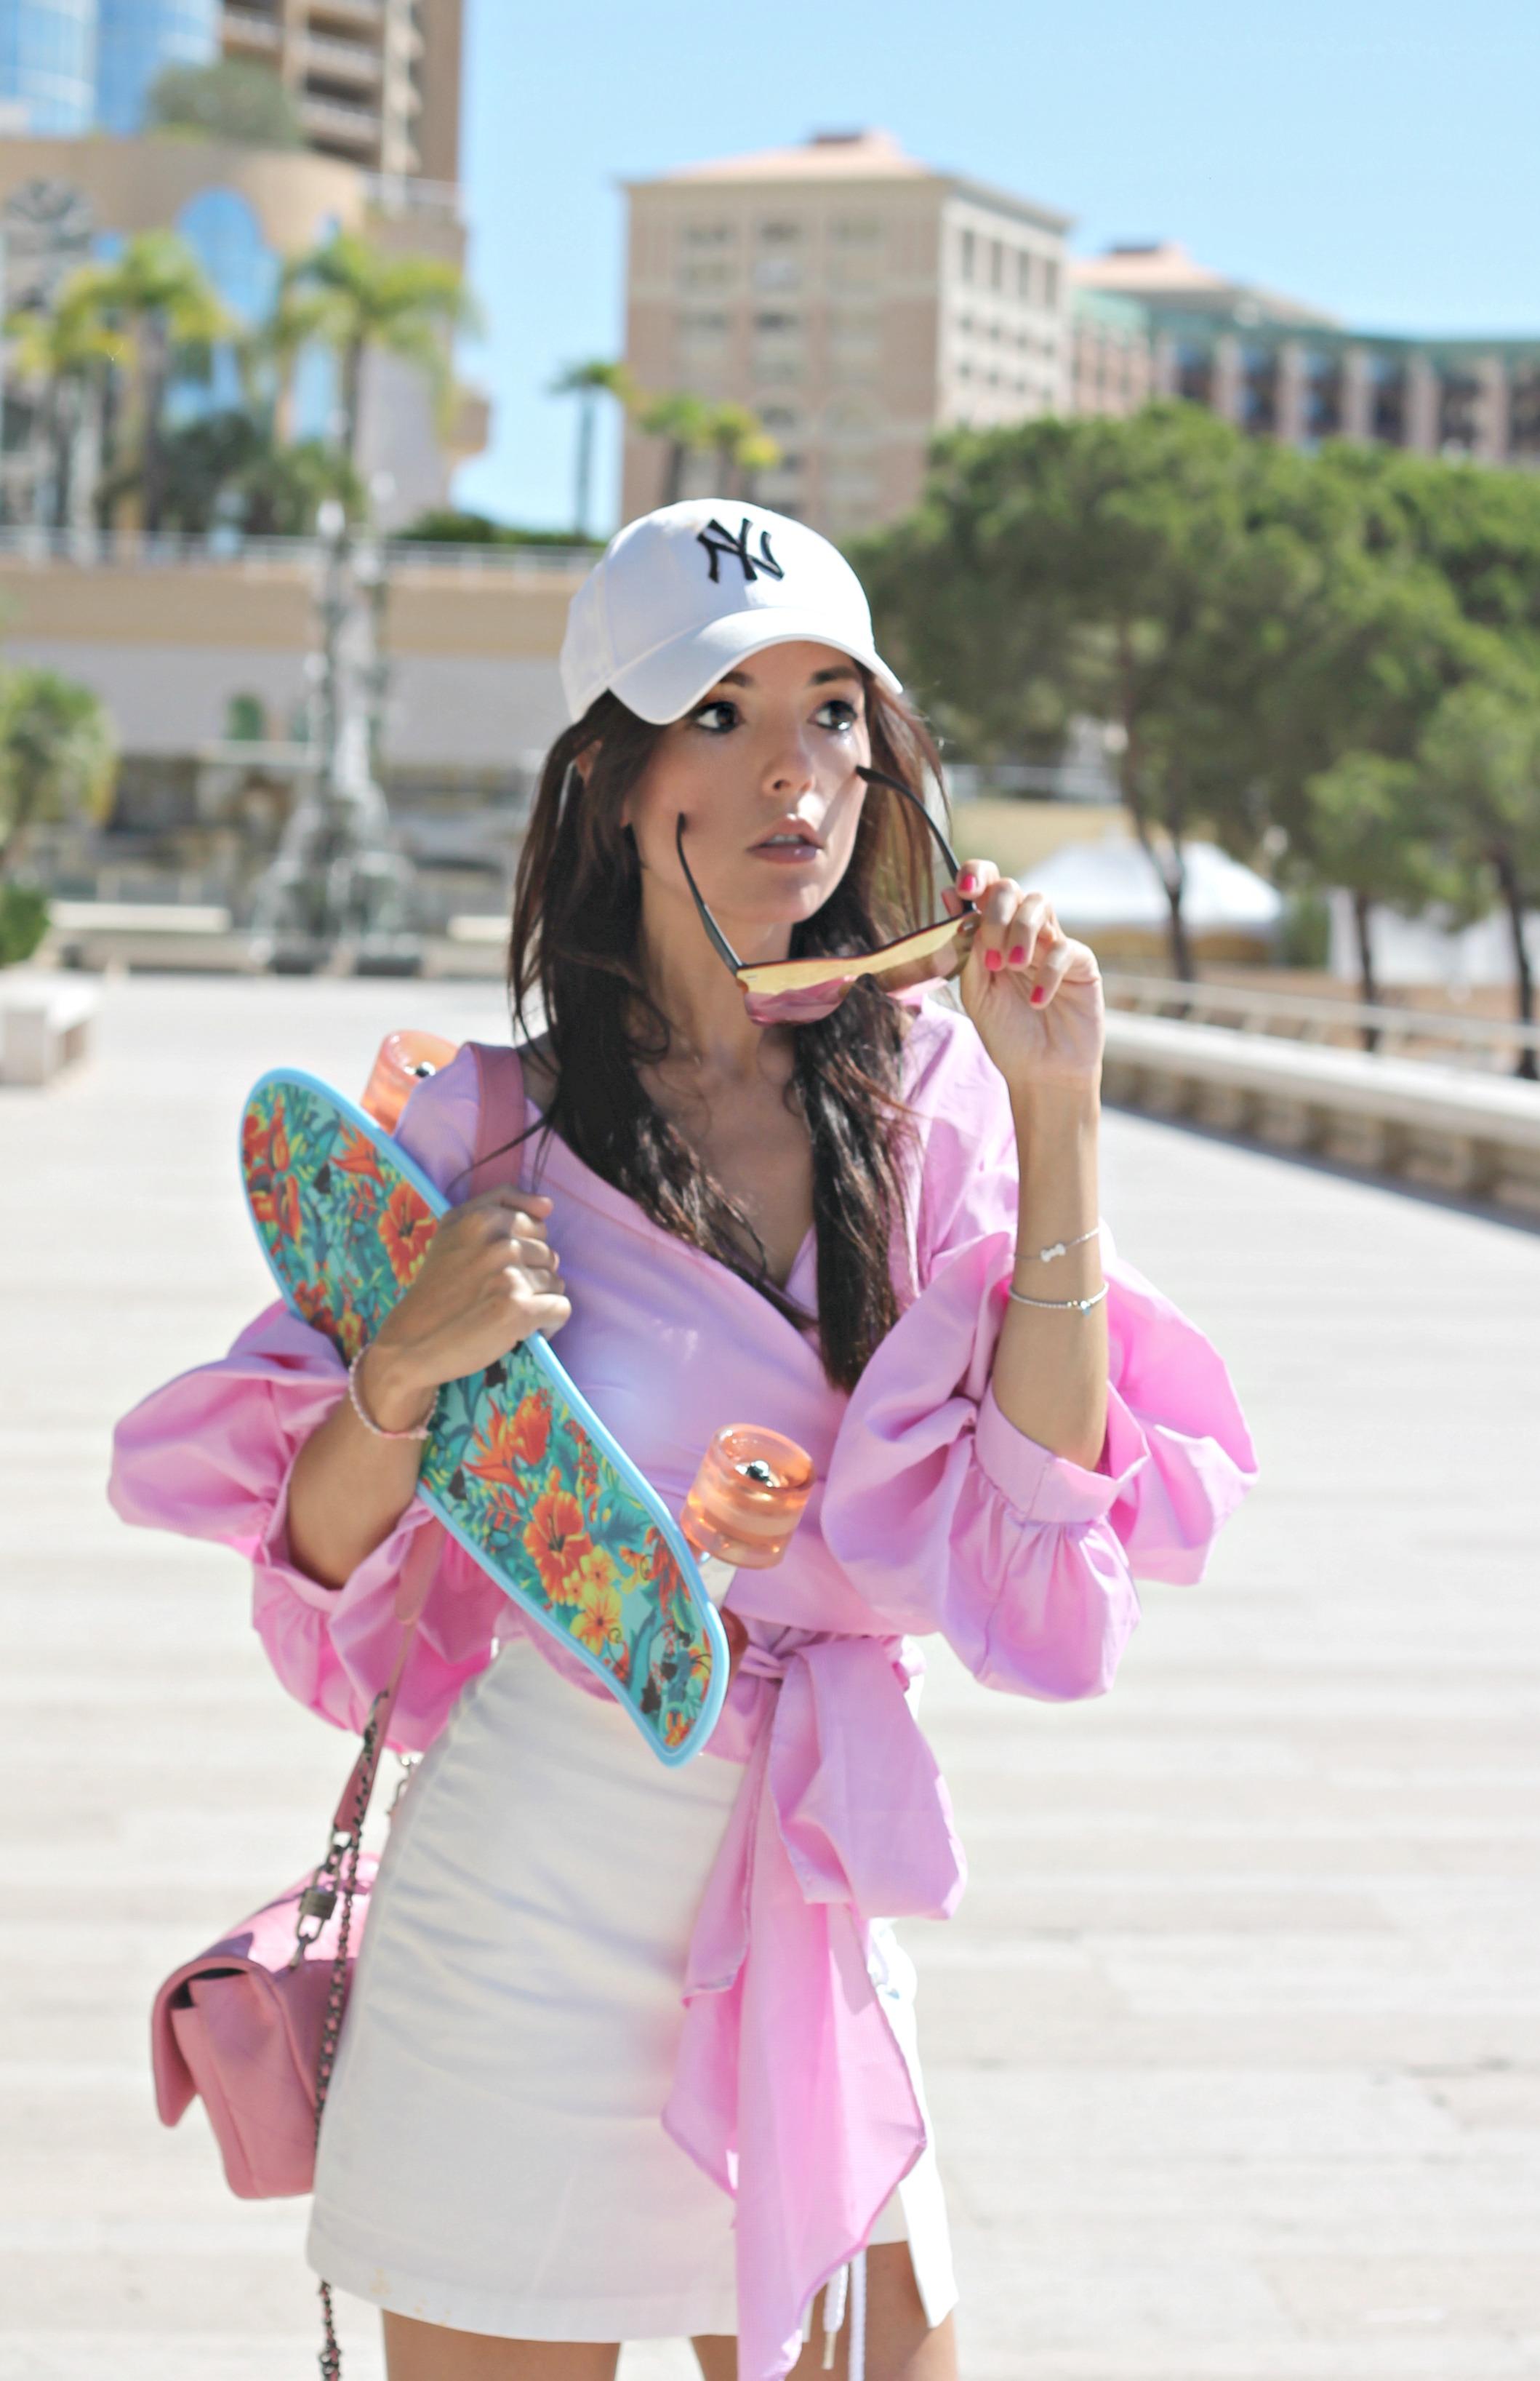 theladycracy.it. ricercare la felicità, ruffle skirt, ruffle style outfit, elisa bellino, fashion blog, fashion blogger italiane, fashion blog 2016, fashion blogger italy, fashion blogger milano, fashion blogger famose 2016, fashion blog moda italia, fashion editorial blogger, style trend 2016, camicia rosa volant, storets skirt, storets skirt, outfit blogger autunno 2016, come indossare il rosa, come si abbina il rosa, sporty chic look 2016, cosa mi metto estate 2016, cosa mi metto settembre 2016, chanel bag pink,